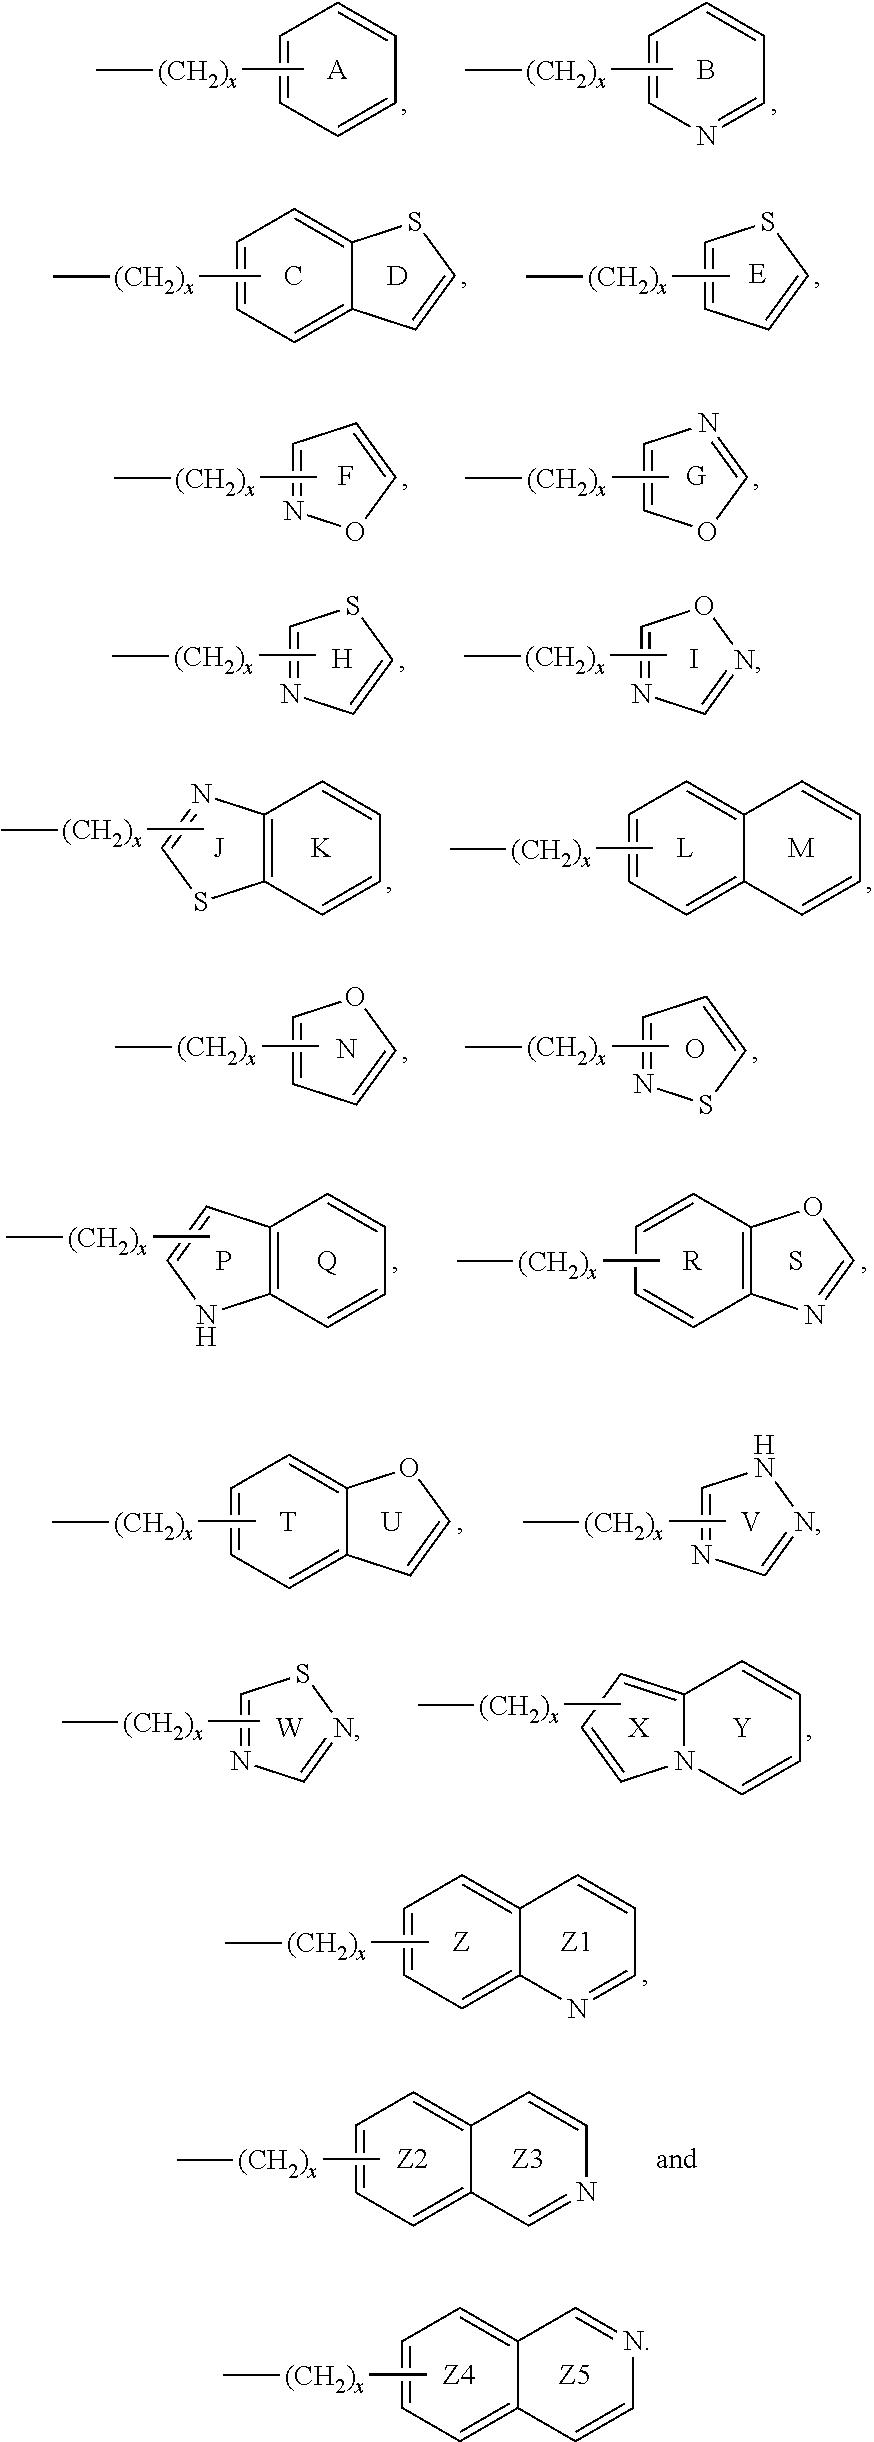 Figure US09272996-20160301-C00008